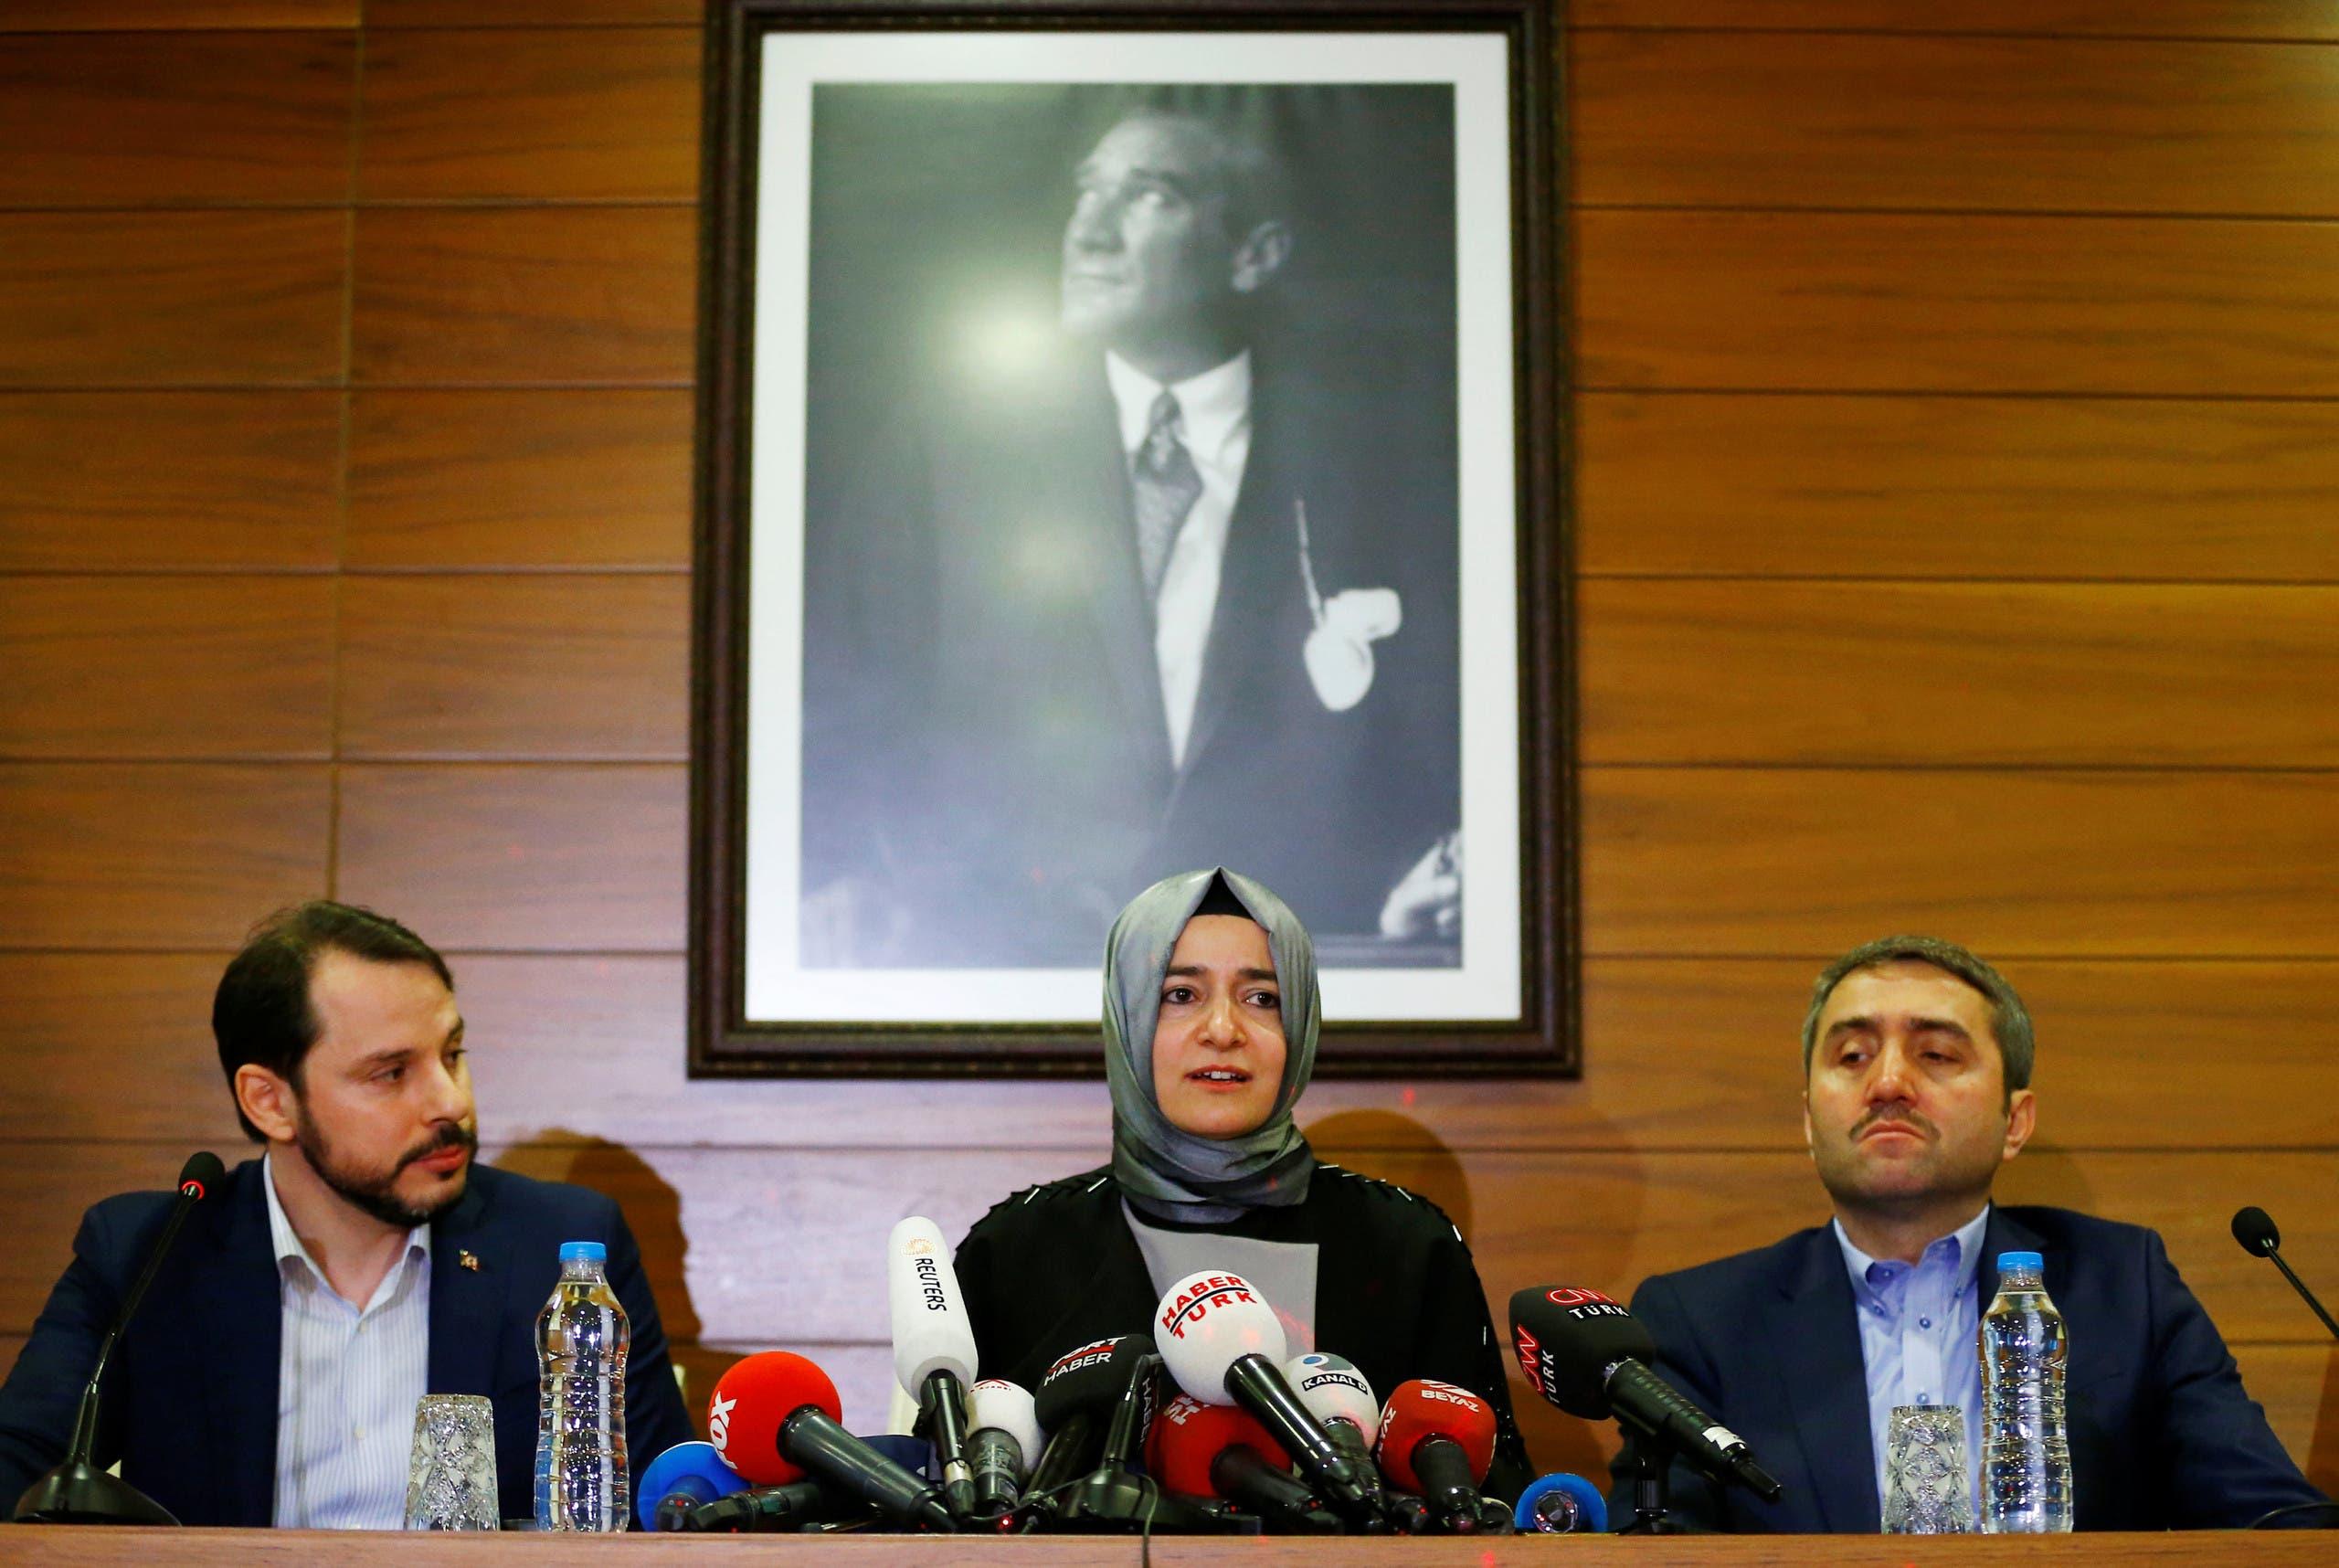 وزيرة الأسرة التركية تعقد مؤتمراً صحفياً في مطار اسطنبول فور عودتها